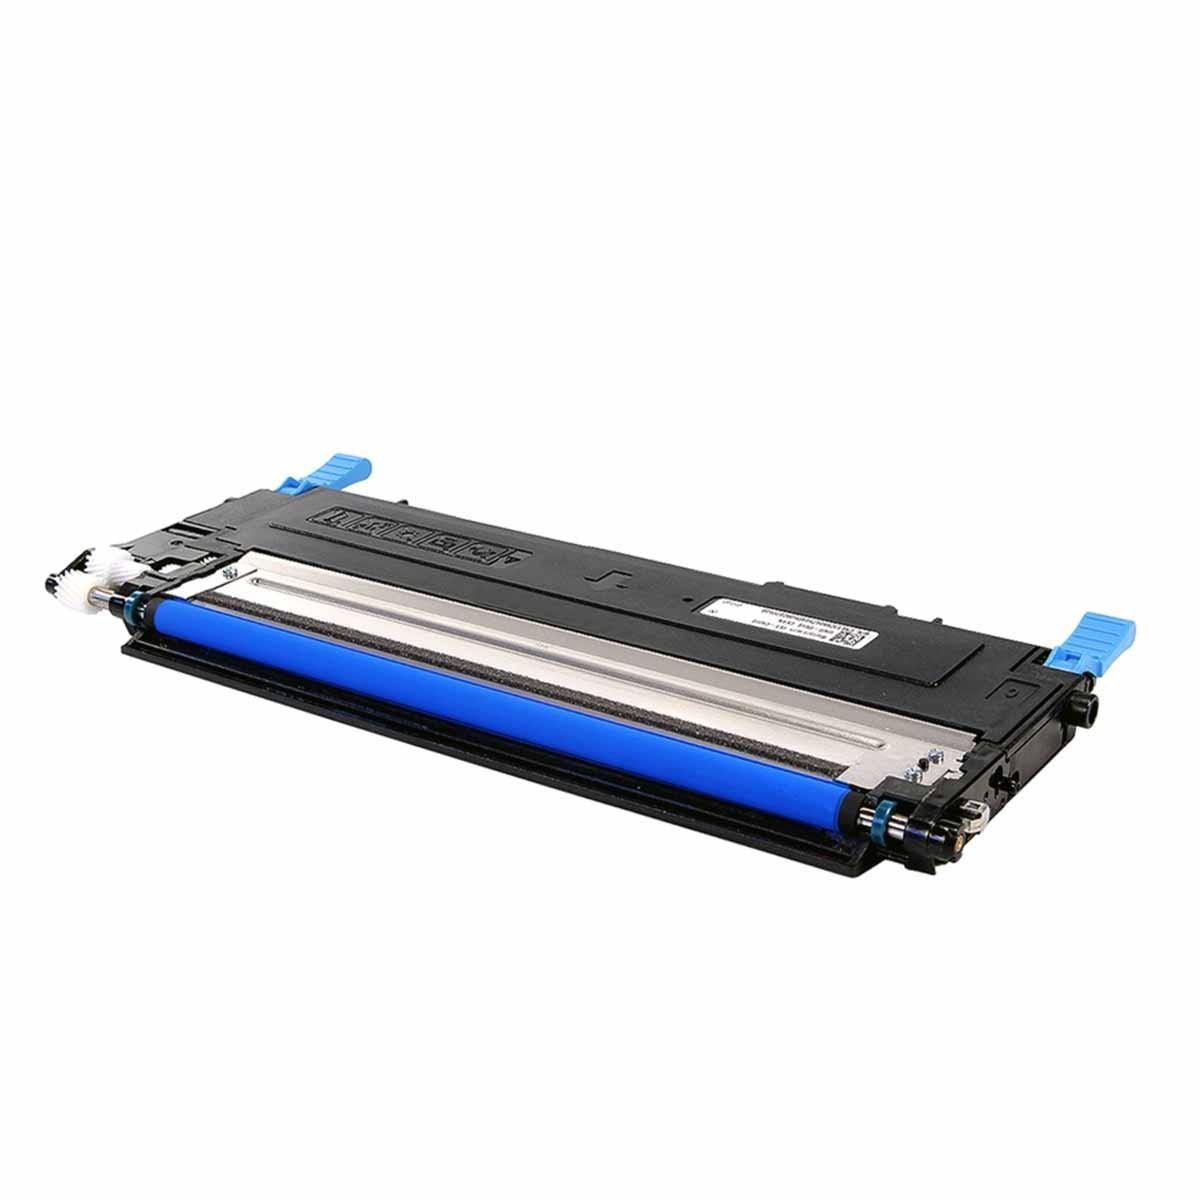 CARTUCHO SAMSUNG CLP310/315/CLX3170/CLX3175 (CLT-C409S) CYAN